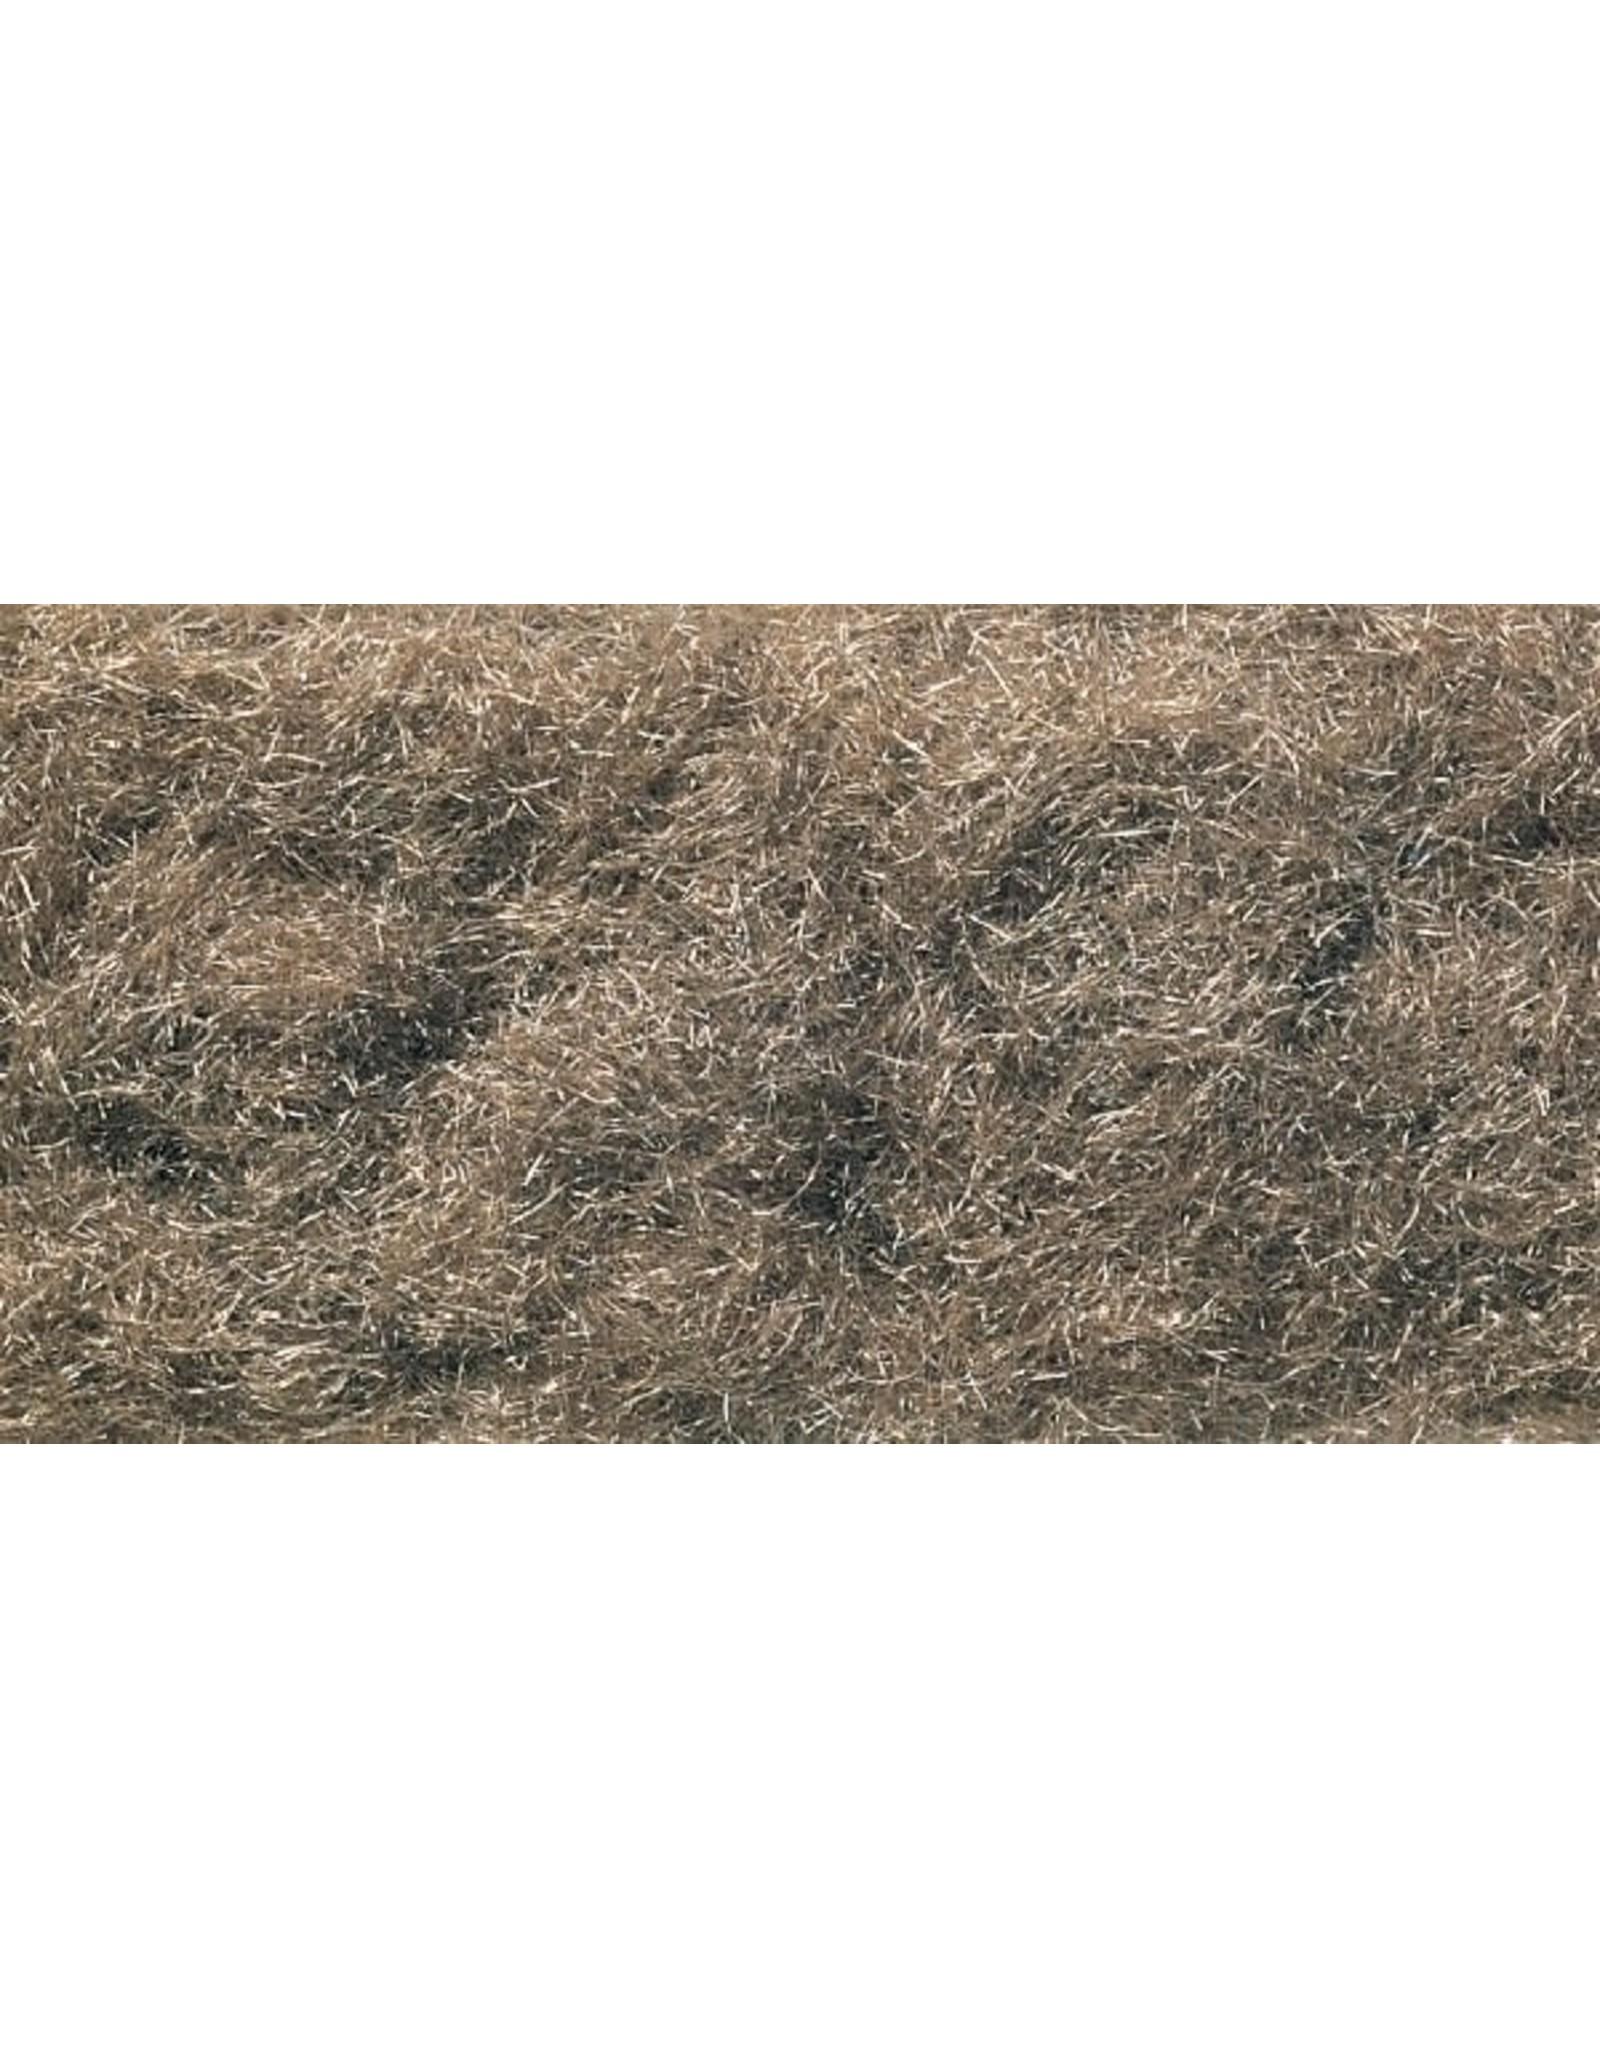 Woodland Scenics Static Grass Flock Burnt Grass FL633